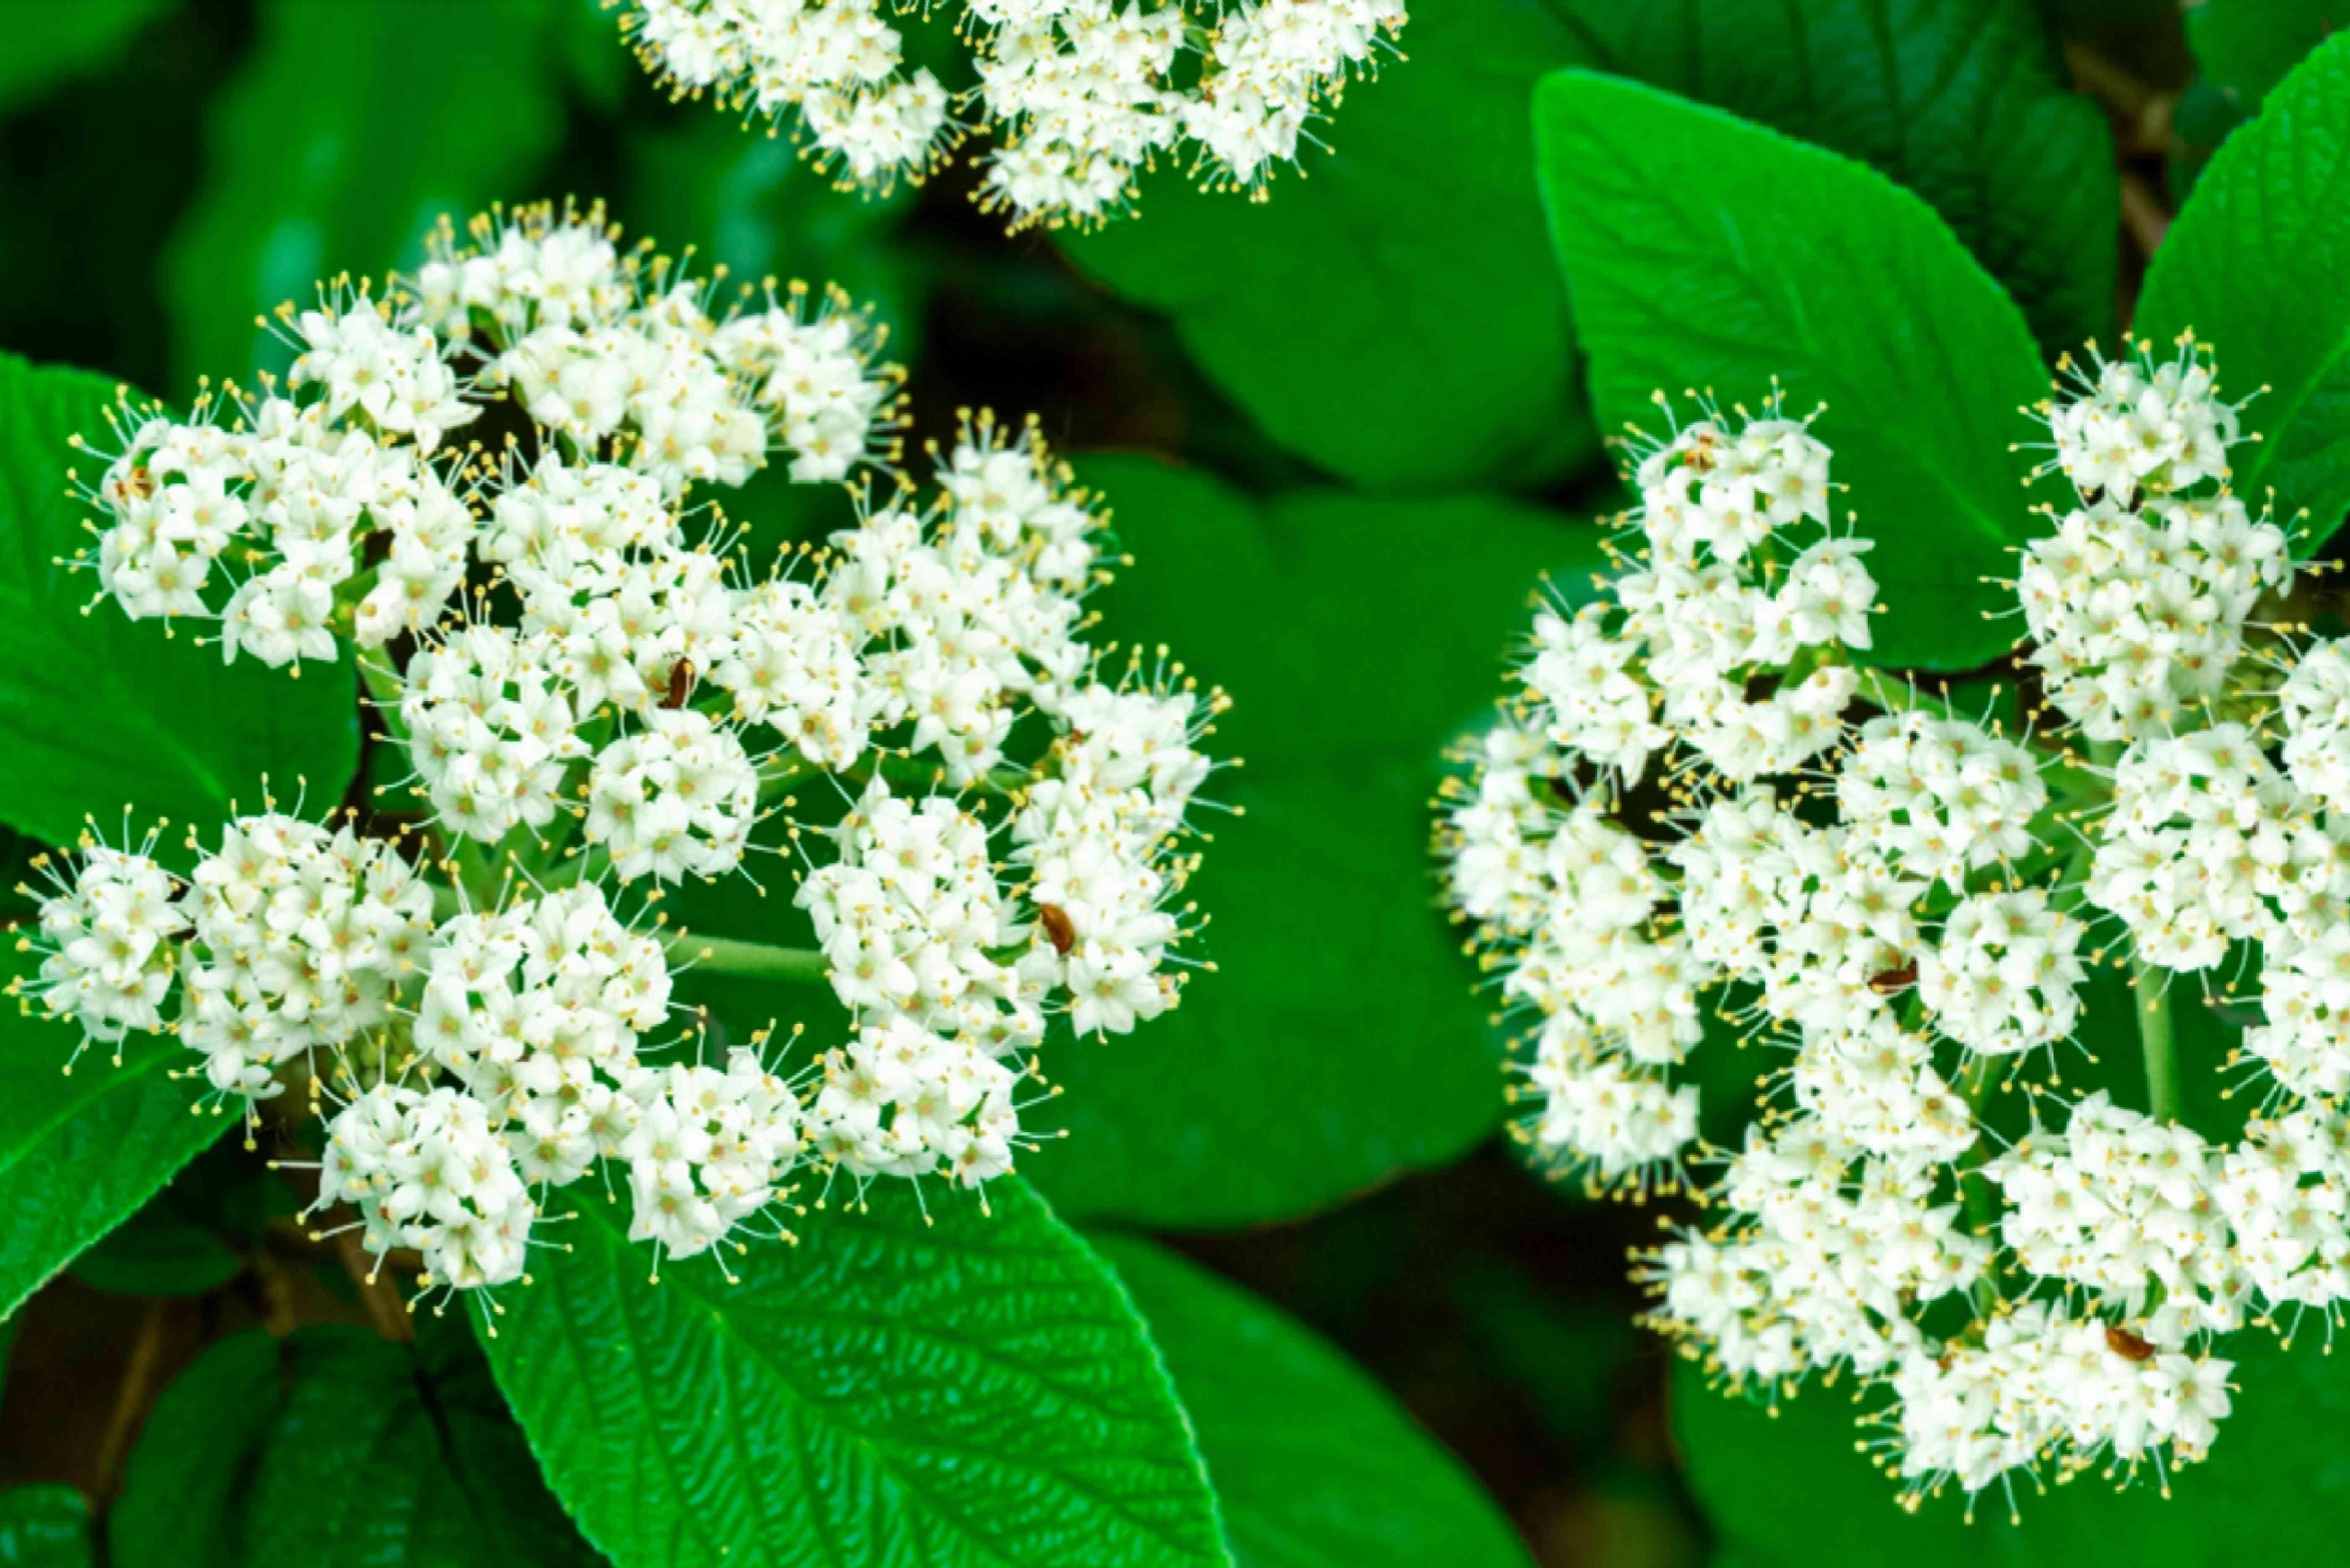 closeup of viburnum blooms